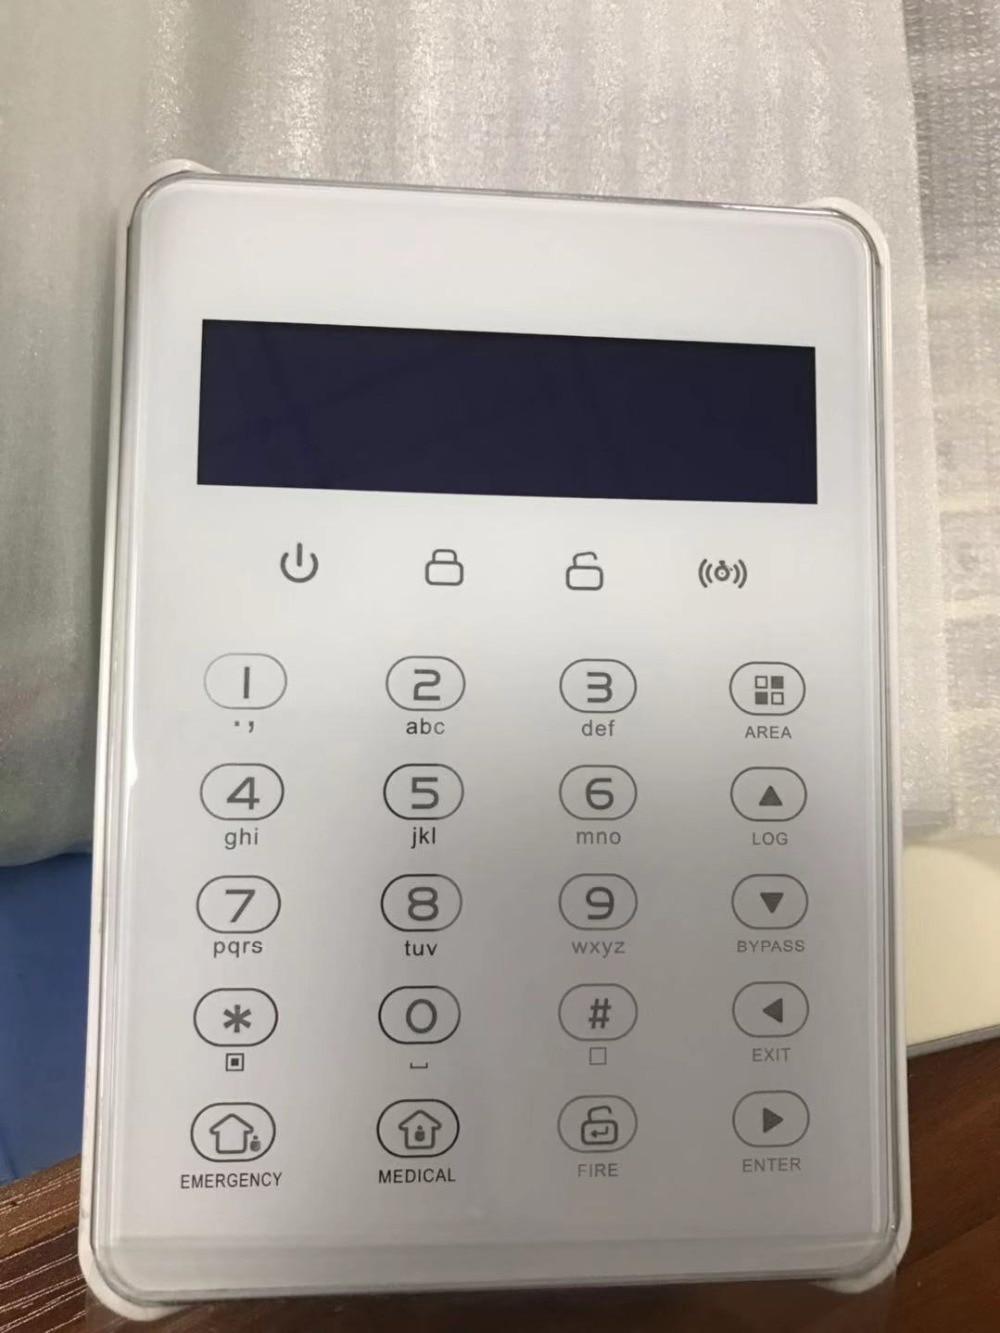 DIY FC 7688 Plus Verdrahtete Industrielle Rj45 TCP IP Alarm GSM Home Security Alarm Mit 96 Verdrahtet Smart Alarm System mit webIE Control - 4